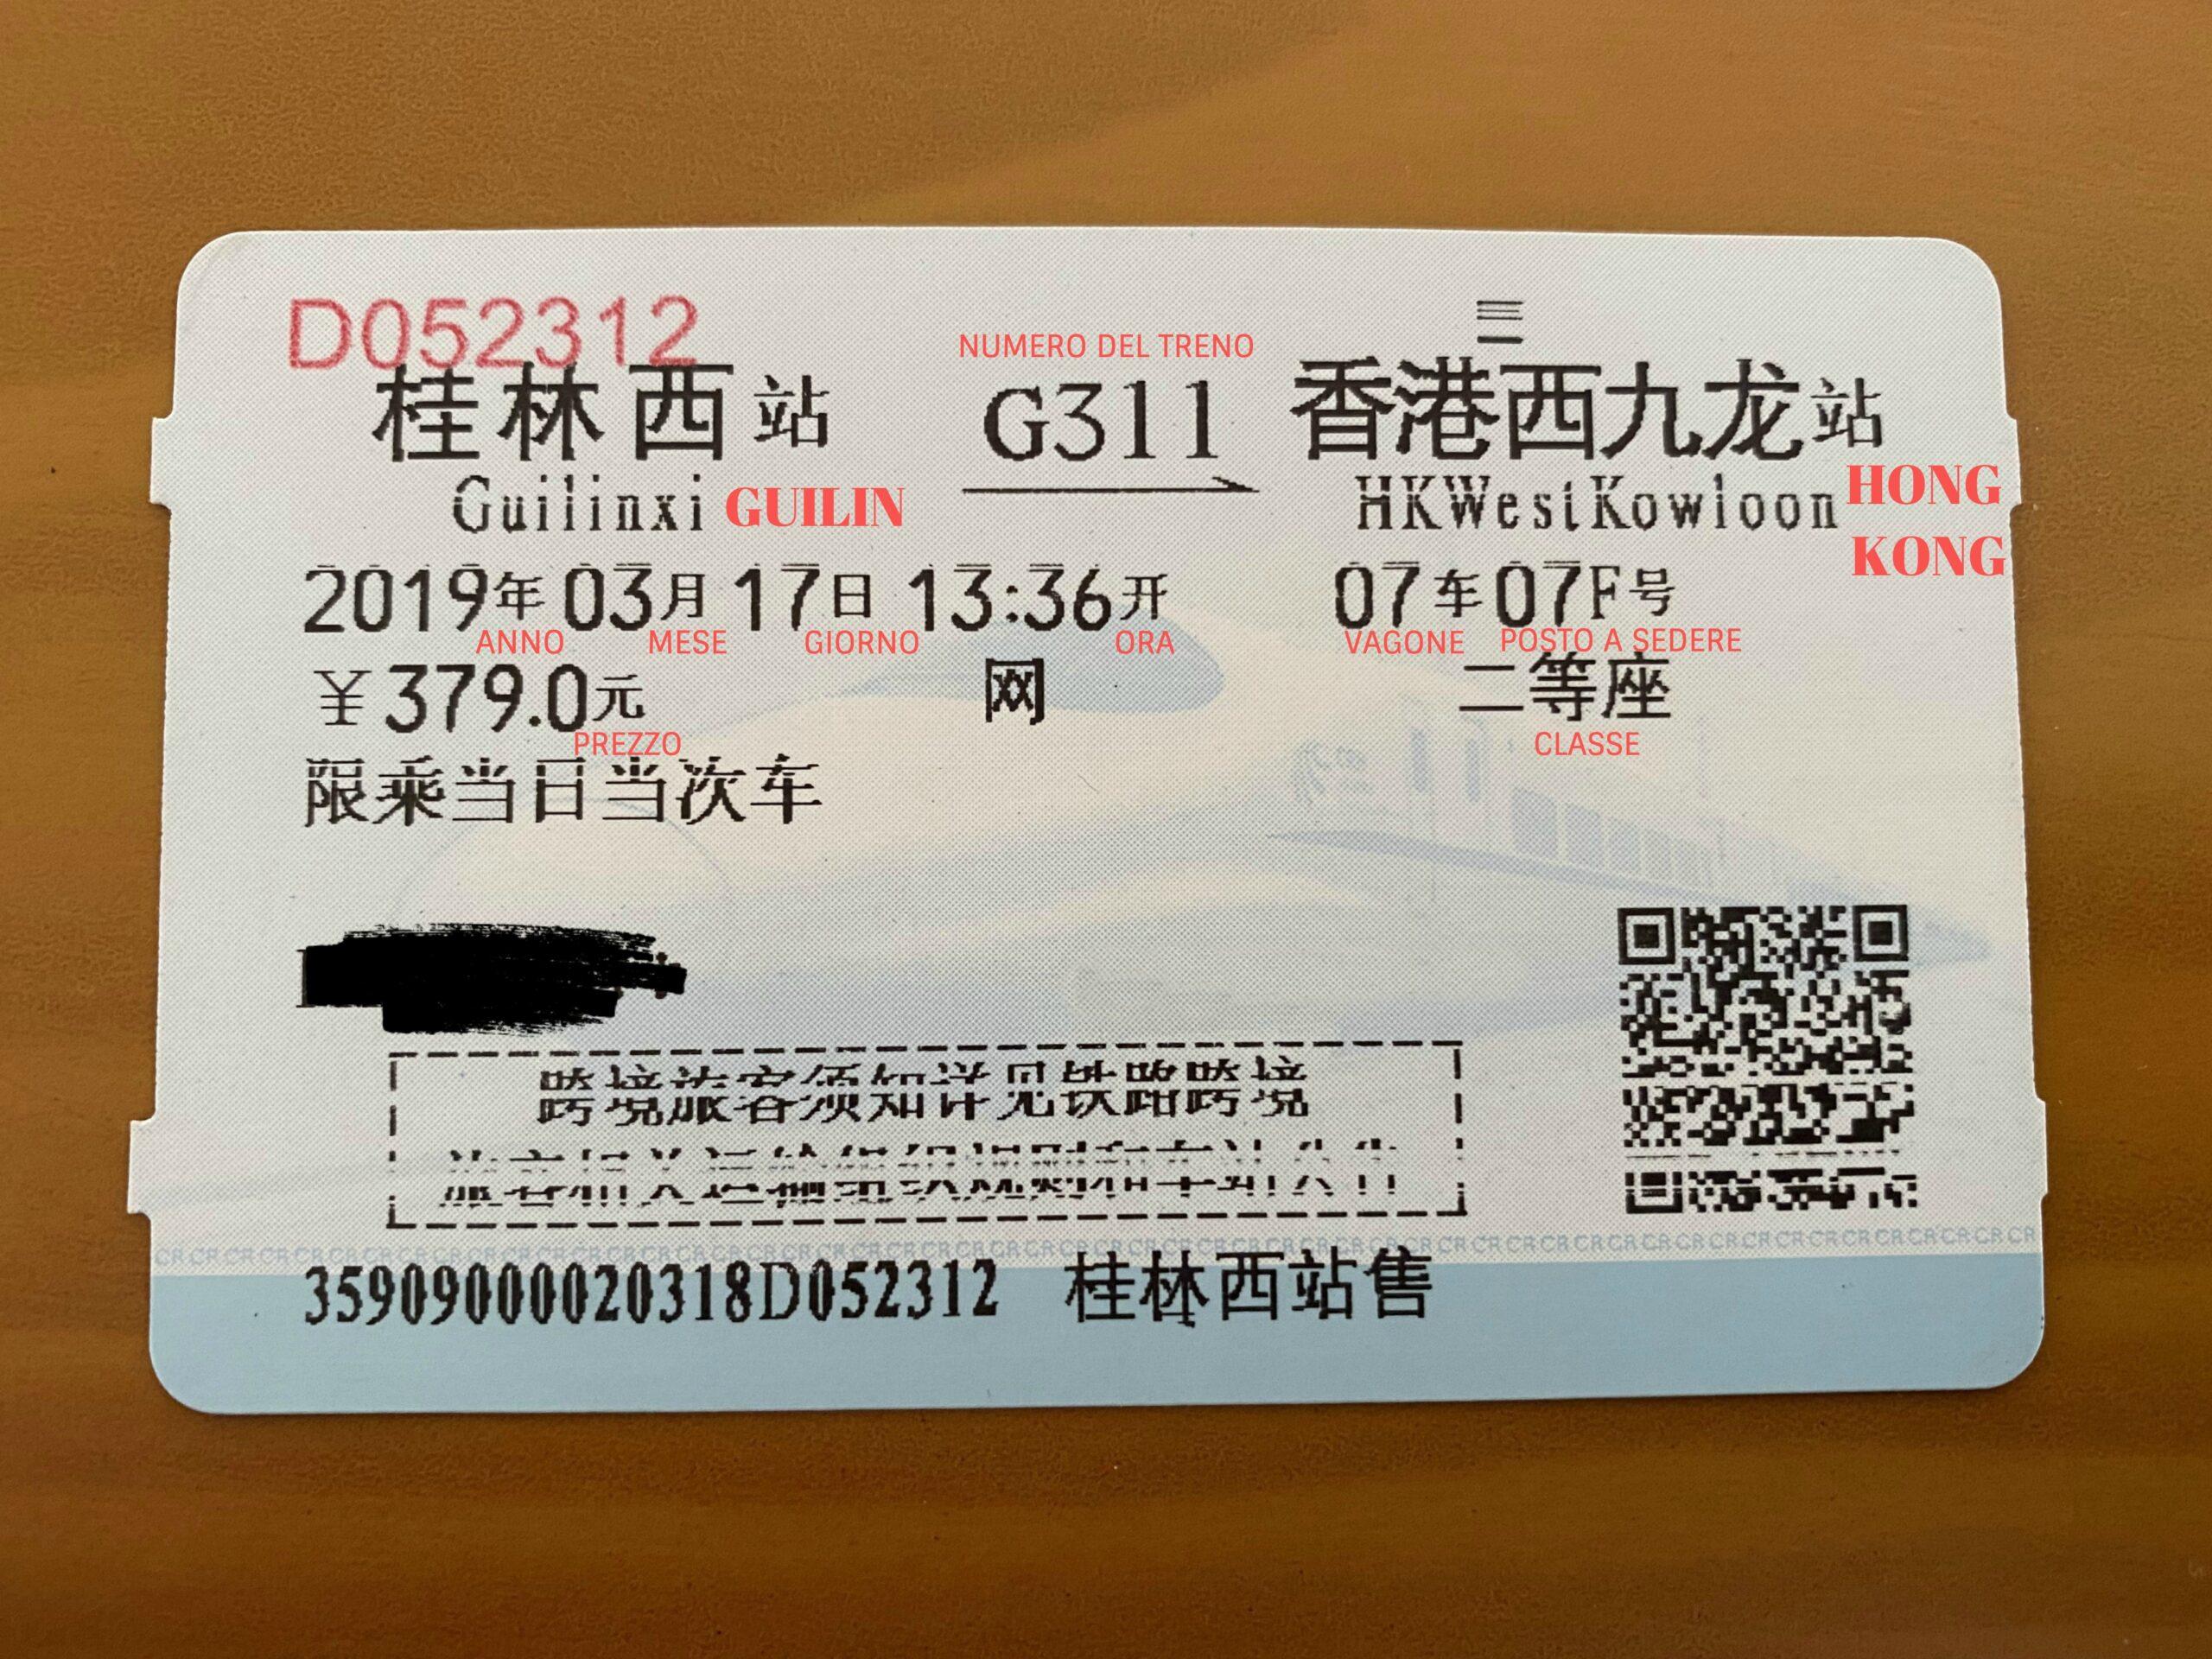 Treni in Cina: come prenotare un biglietto, le diverse tipologie e classi, pro e contro